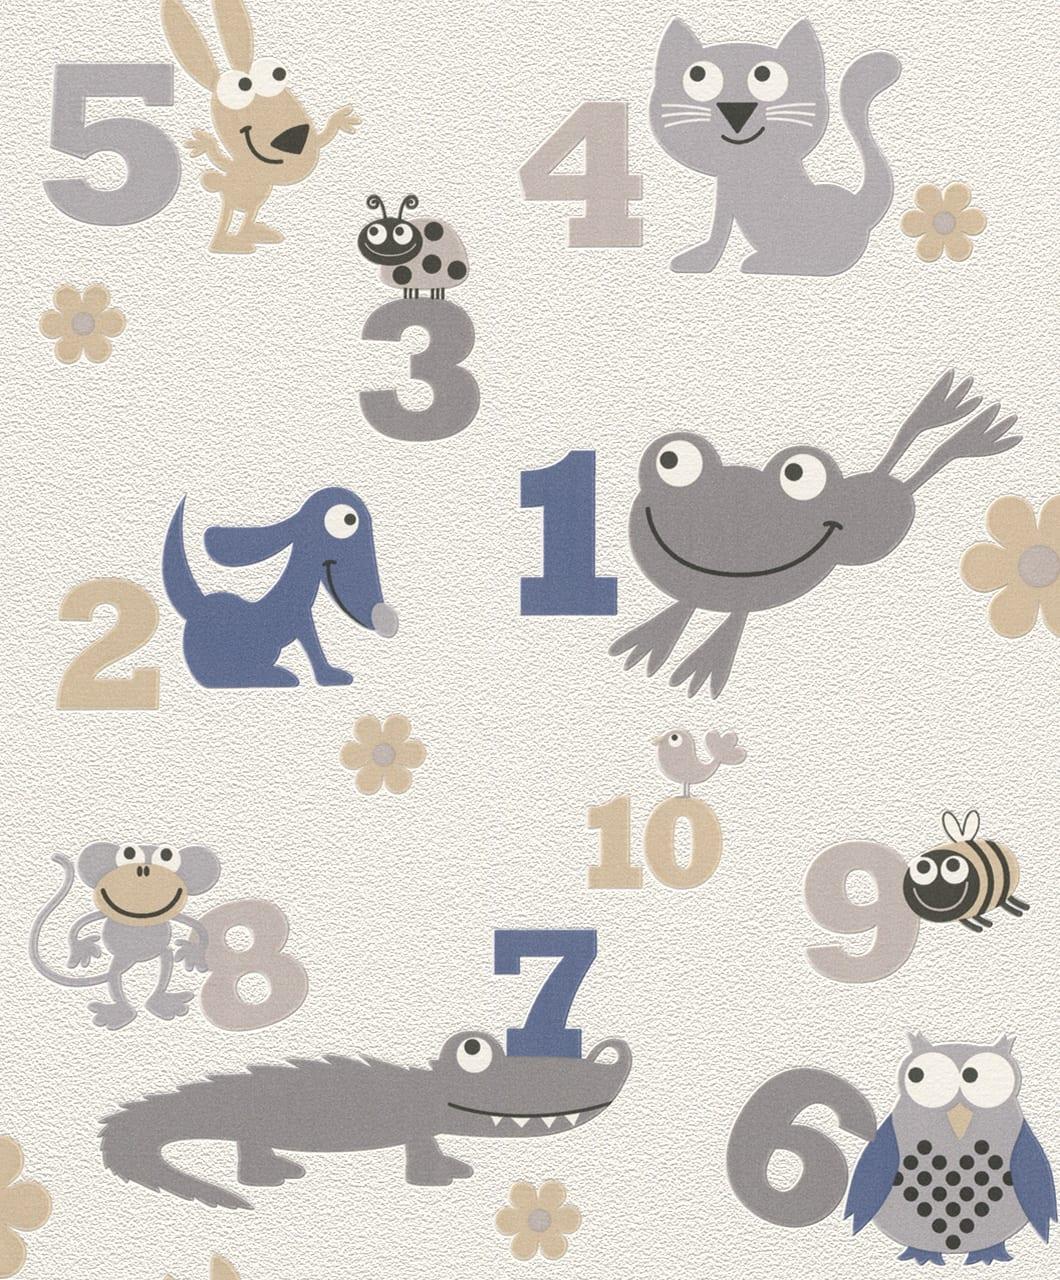 Papel mural numeros y animales 503043